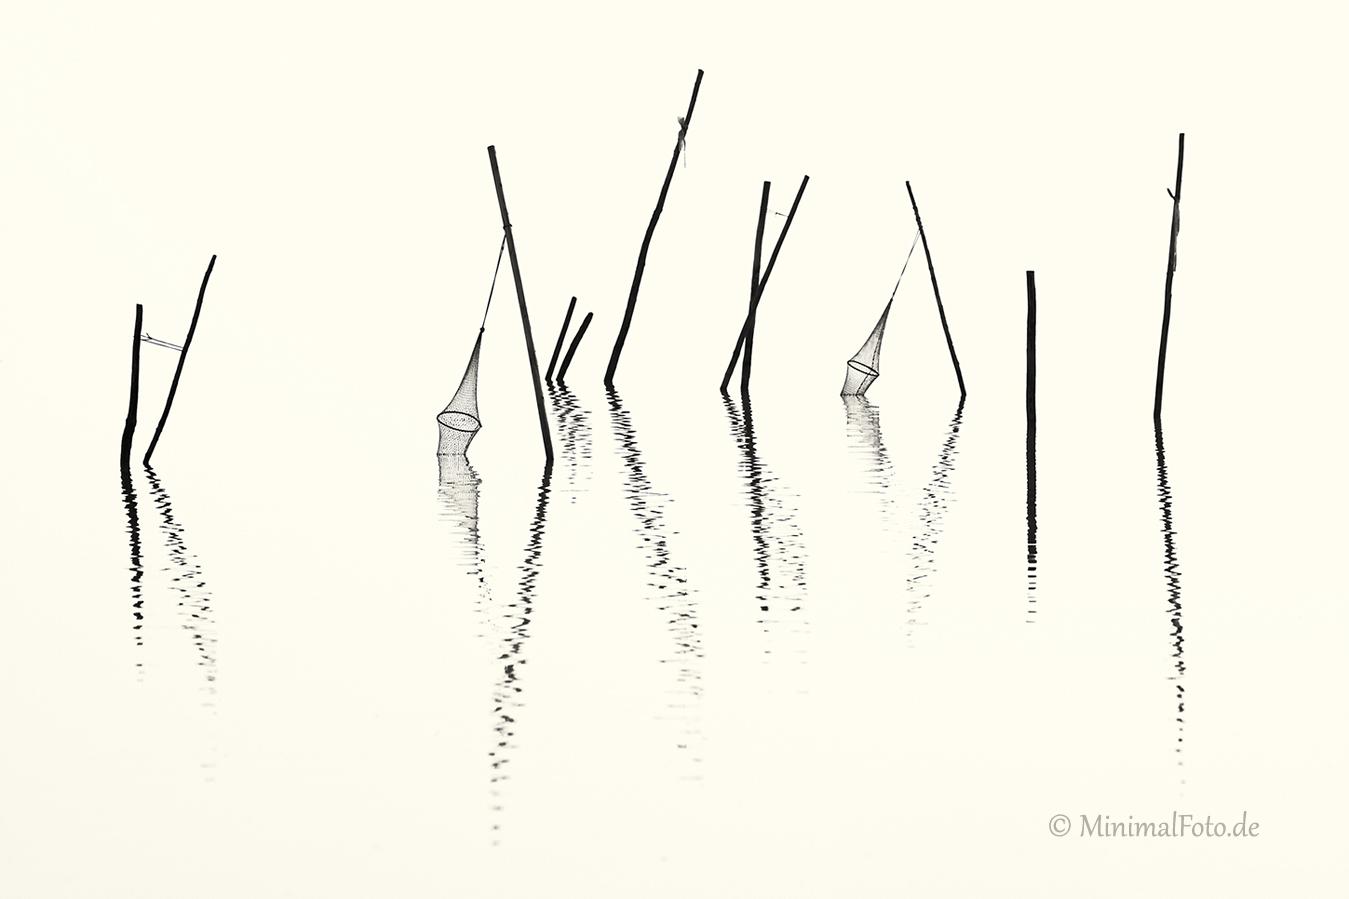 wasser-Fisch-Reuse-Silhouette-black-white-schwarz-weiss-silhouette-minimalismus-minimalistisch-minimalistic-fish-trap-Stangen-pole-waterA_NIK5994-sw